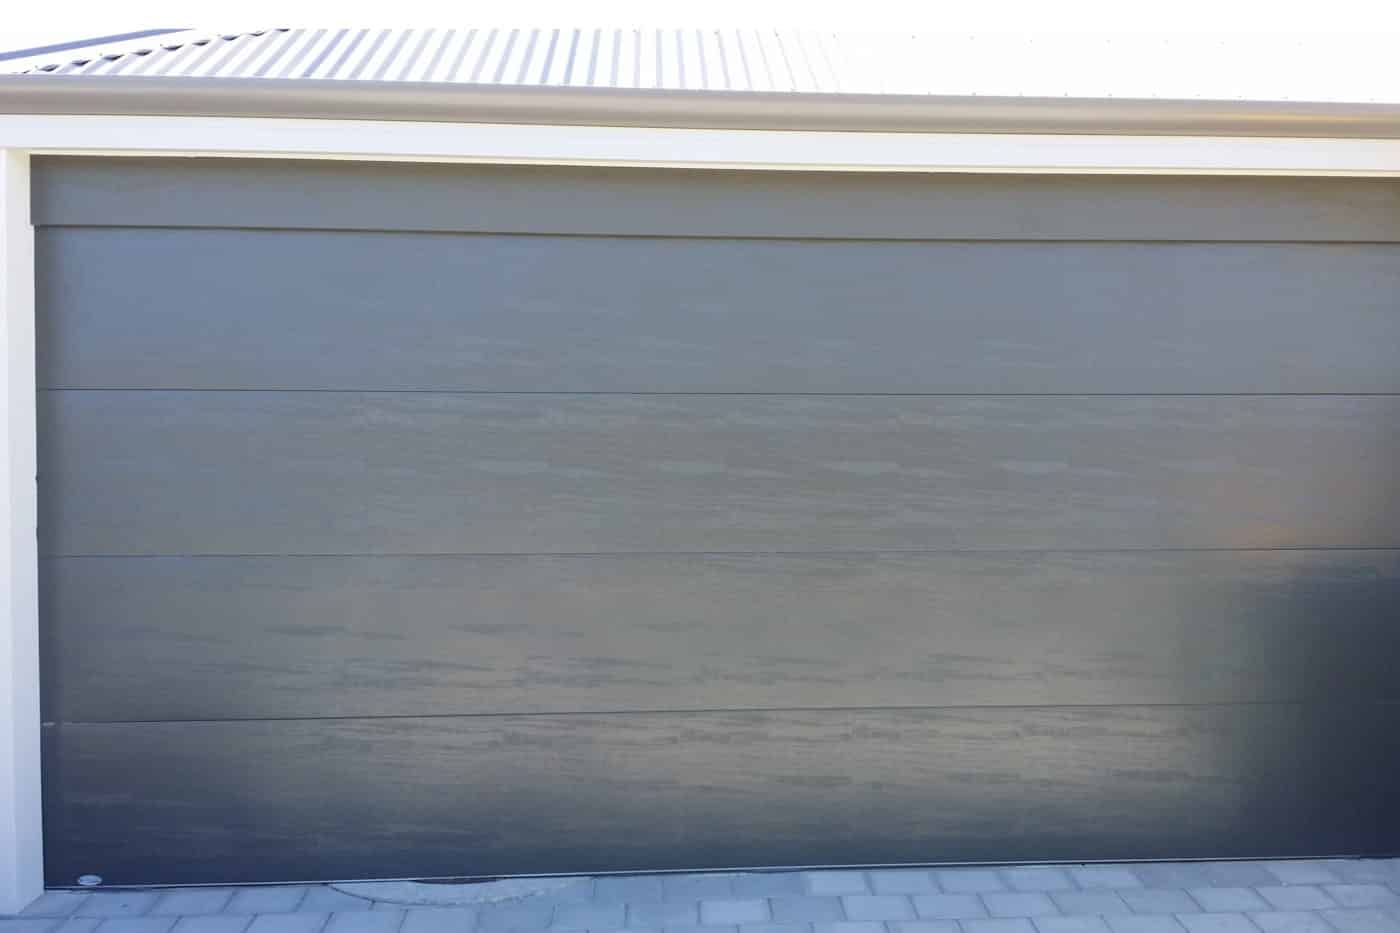 Steel Line Flatline Profile